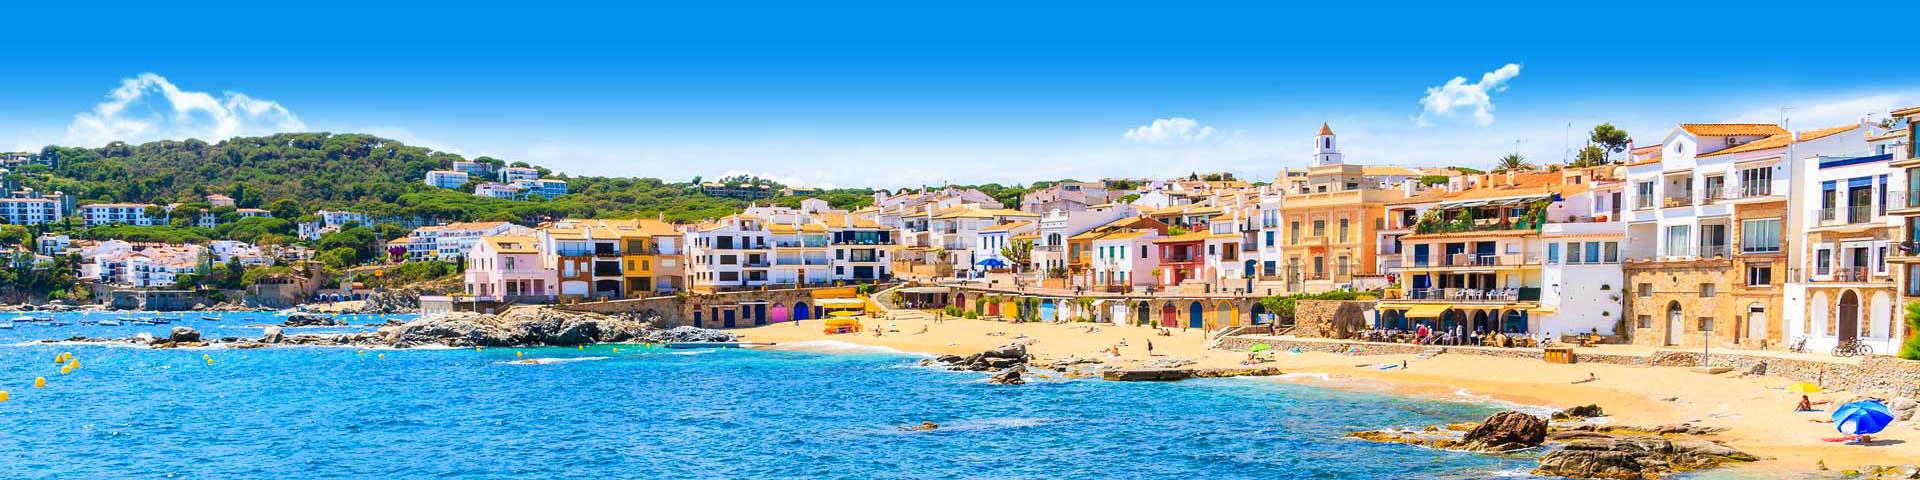 De zee met mooi strand in Callela aan de Costa Brava